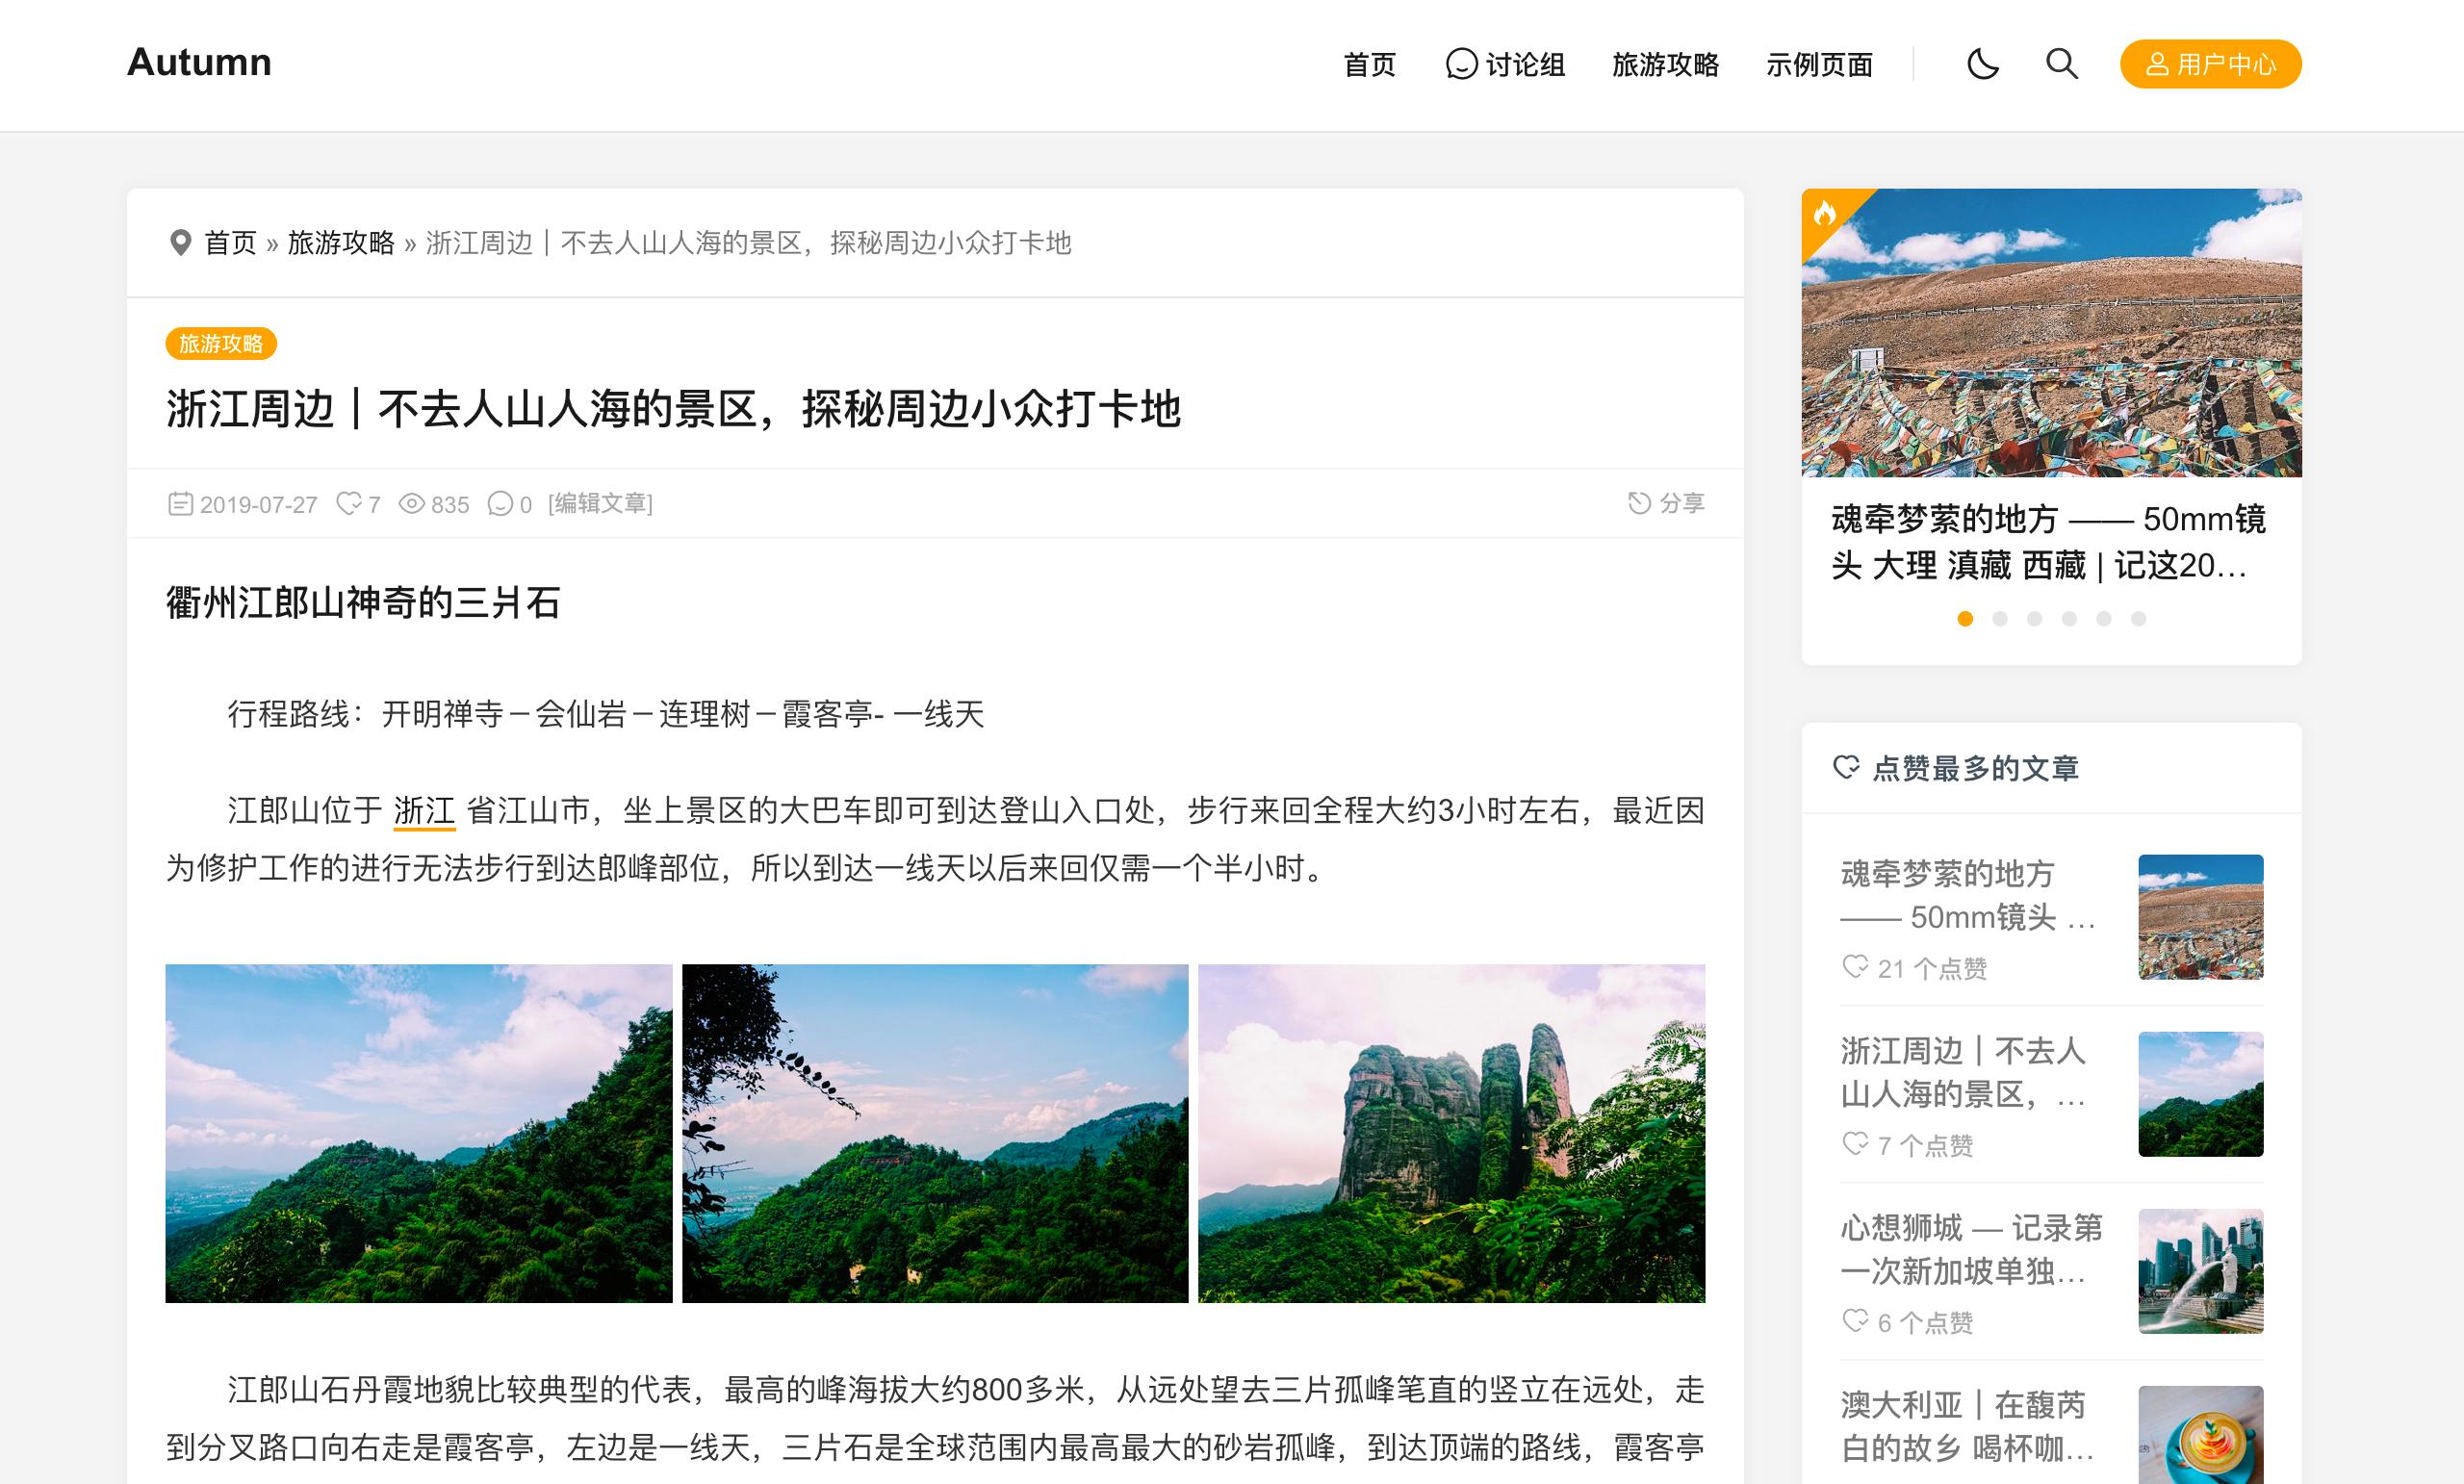 【WordPress】Autumn-Pro 2.4去授权破解版下载插图(4)